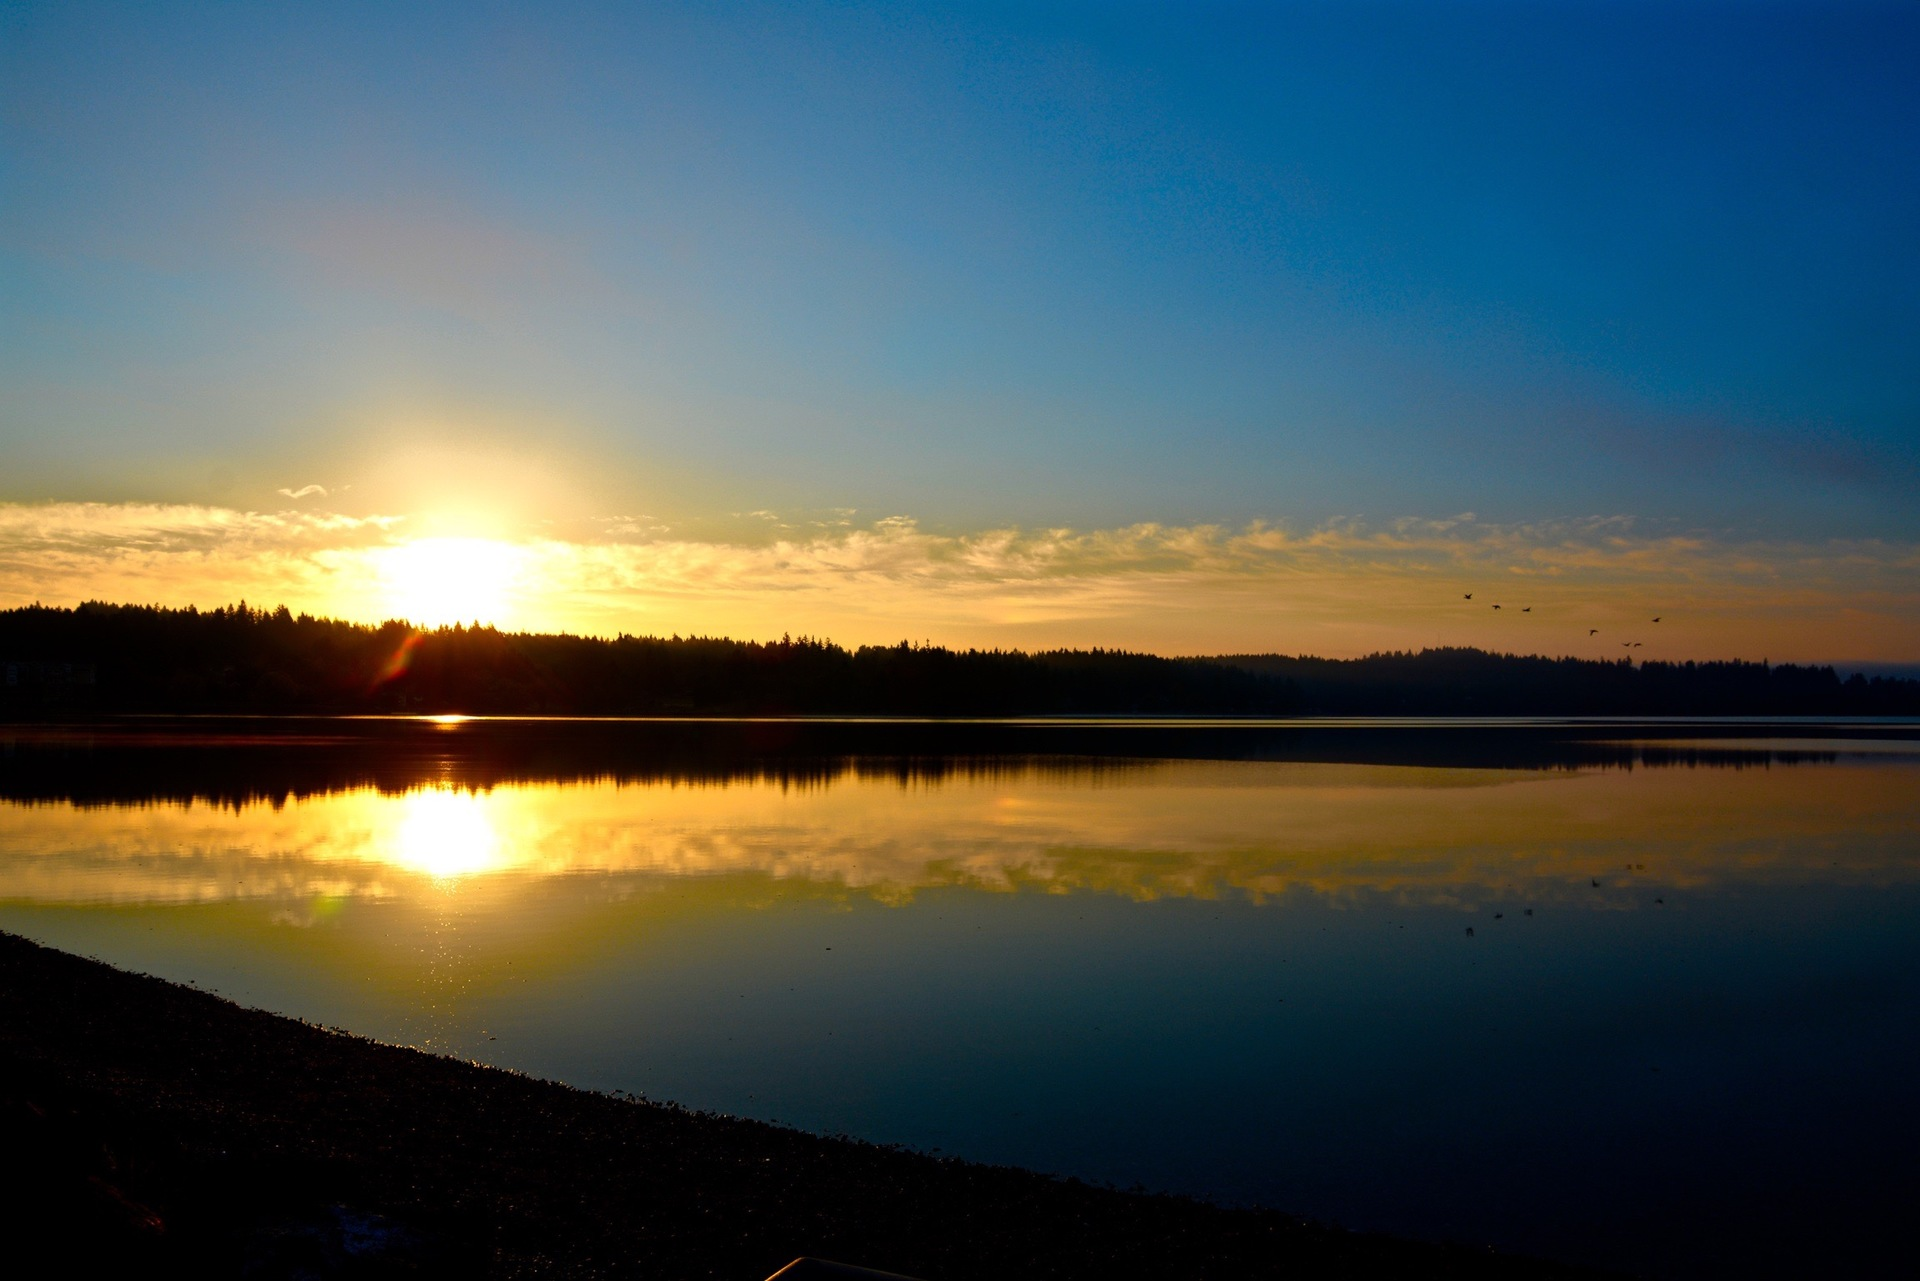 Pacific Northwest sunset | mbocast, dusk, evening, lake